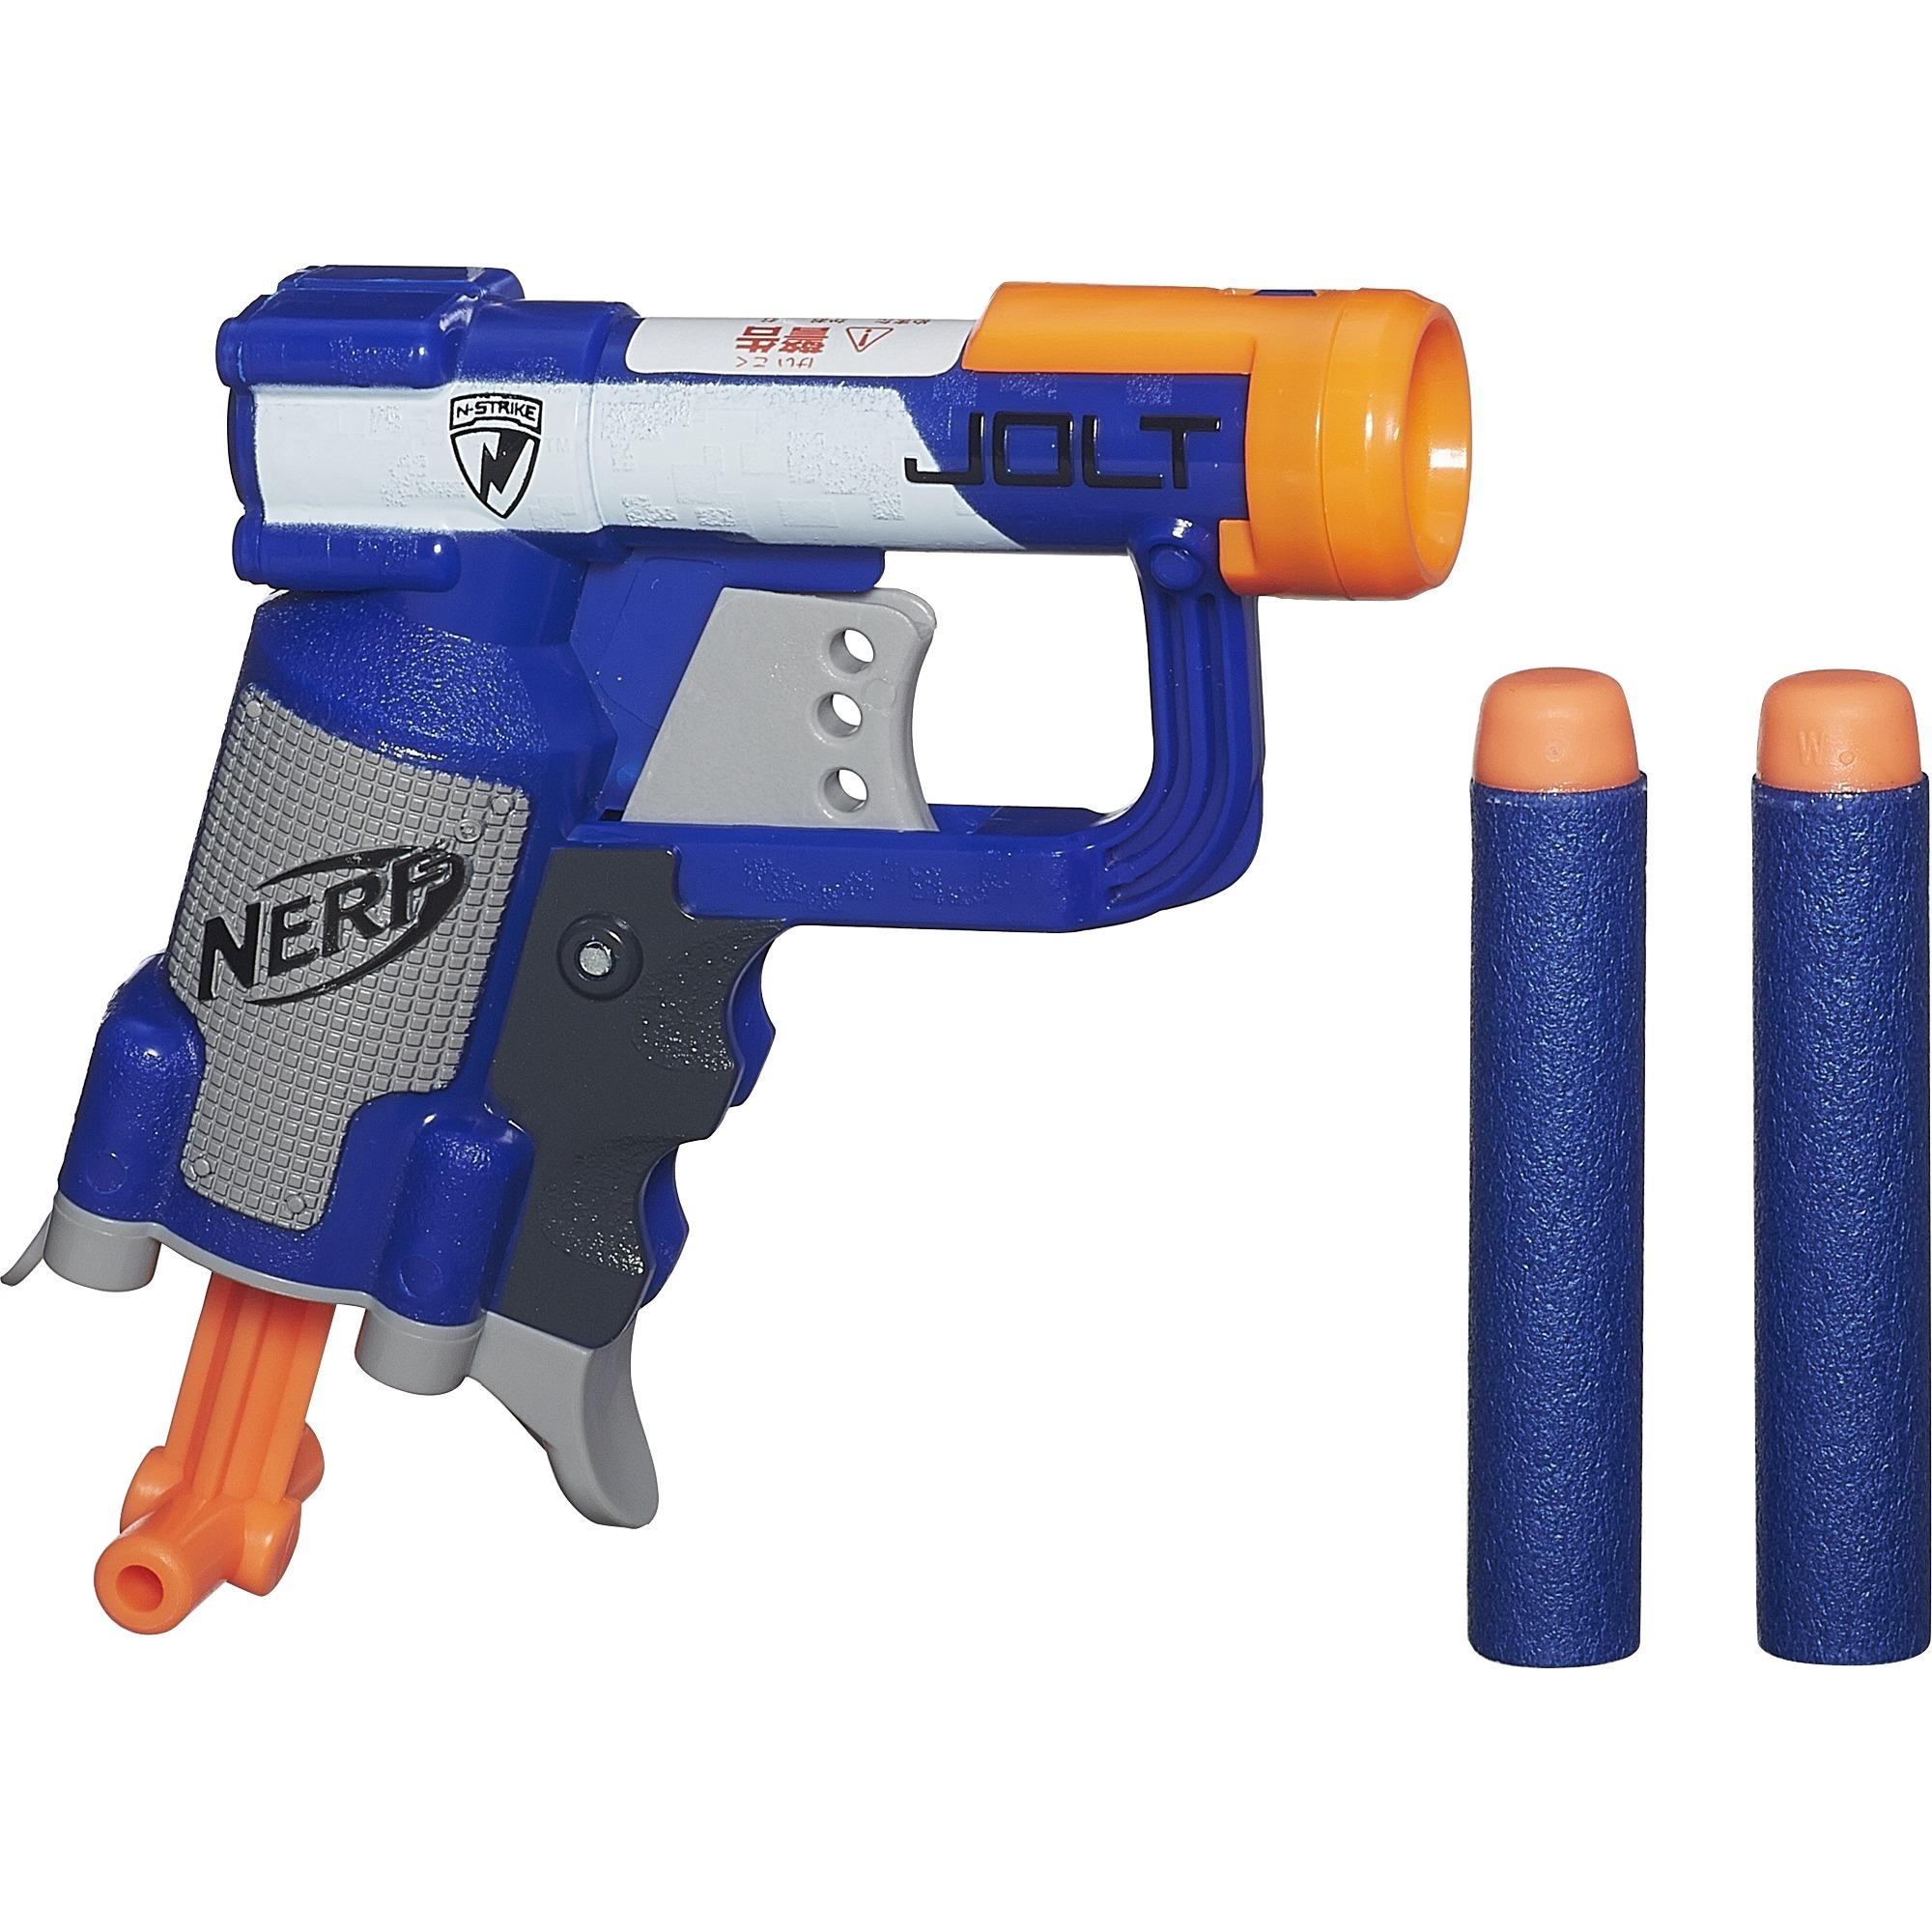 A0707EU6 arma de juguete Rifle de asalto de juguete, Pistola Nerf